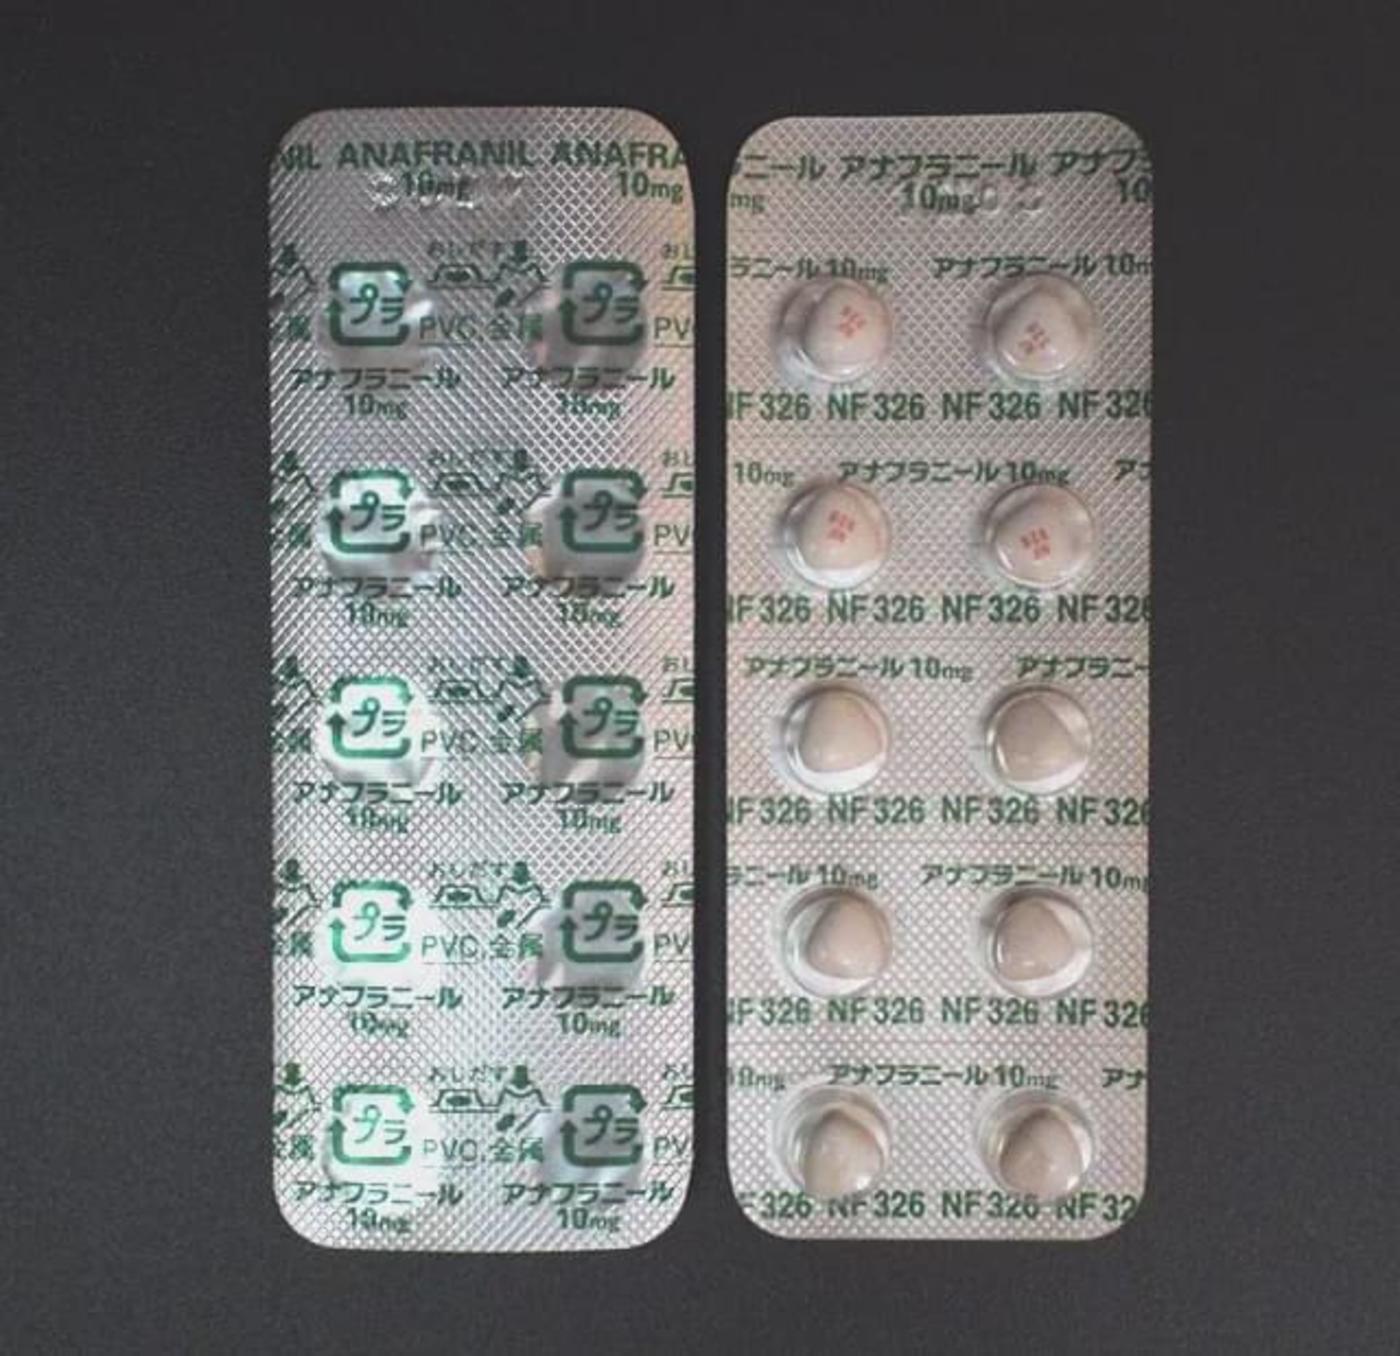 图|重度强迫症药物(来源:维基百科)